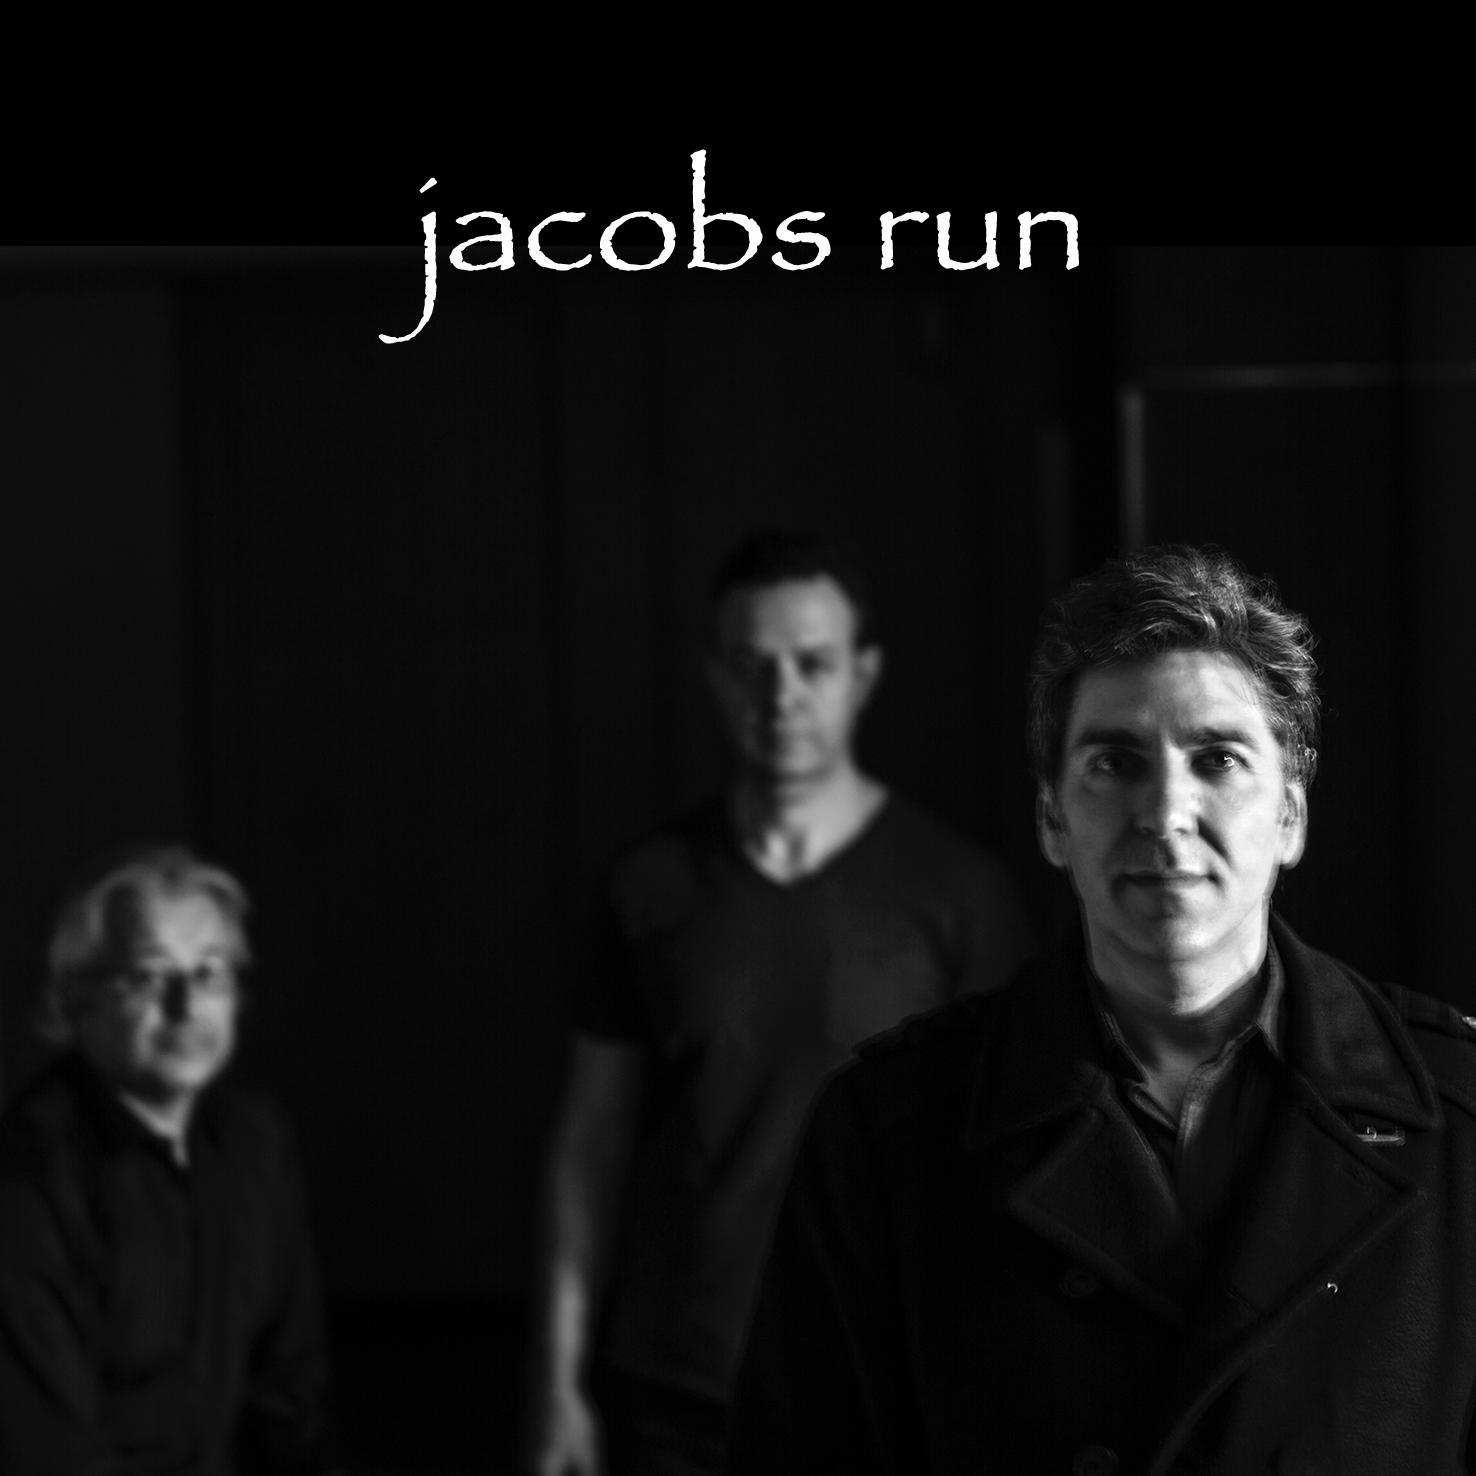 jacobs run - Sleepwalking